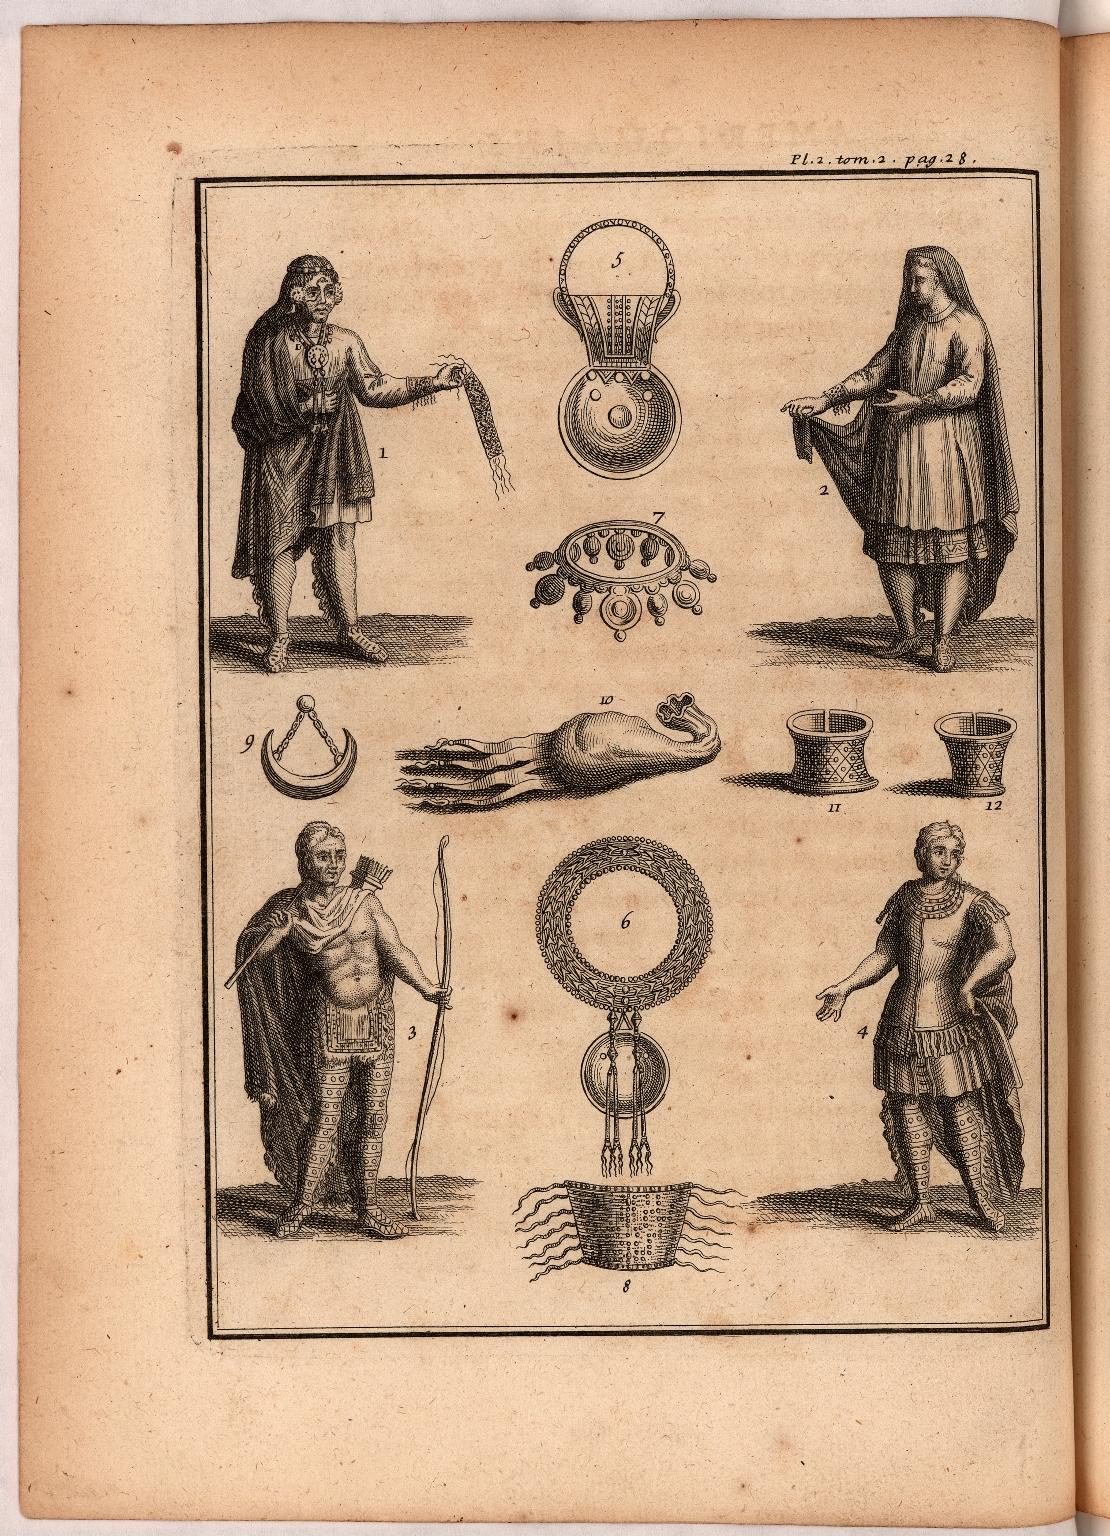 [Planche II pag. 28. On voit ici un détail des habillemens & des ornemens des Sauvages. 1. 2. Figures de Sauvages des Nations iroquoises & Huronnes vêtu à la moderne, homme & femme...]